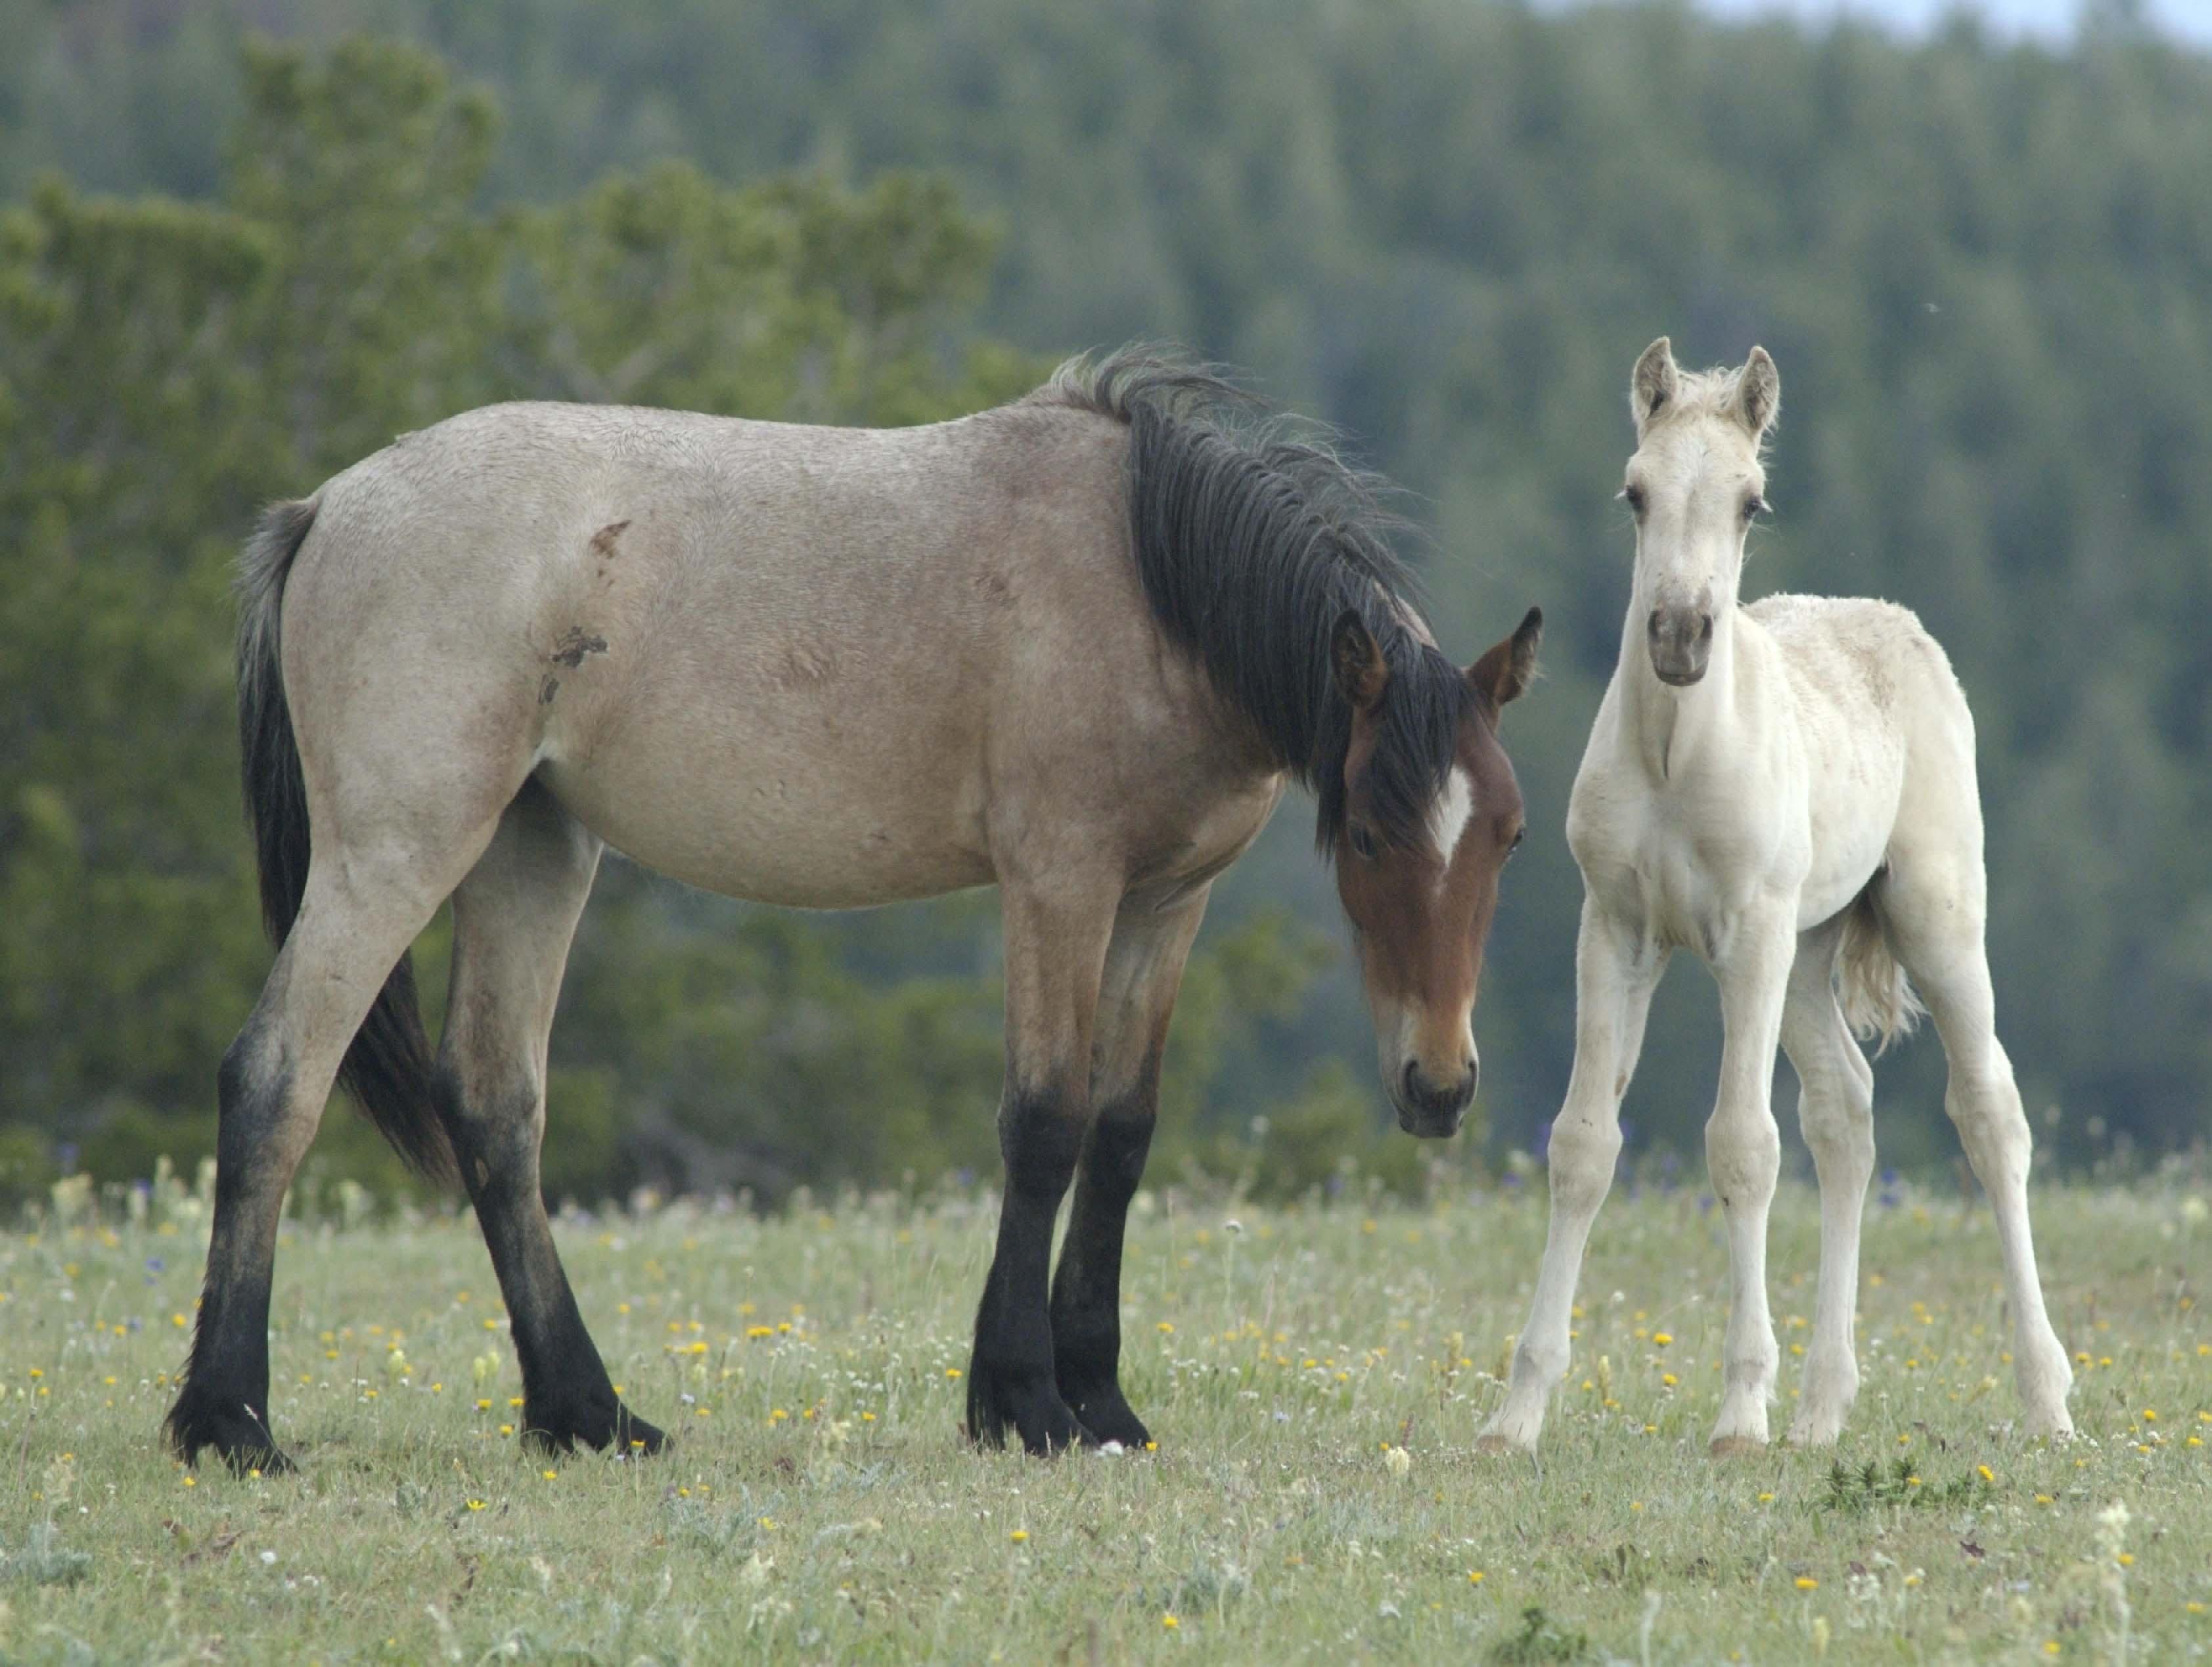 Wild horses, life at will